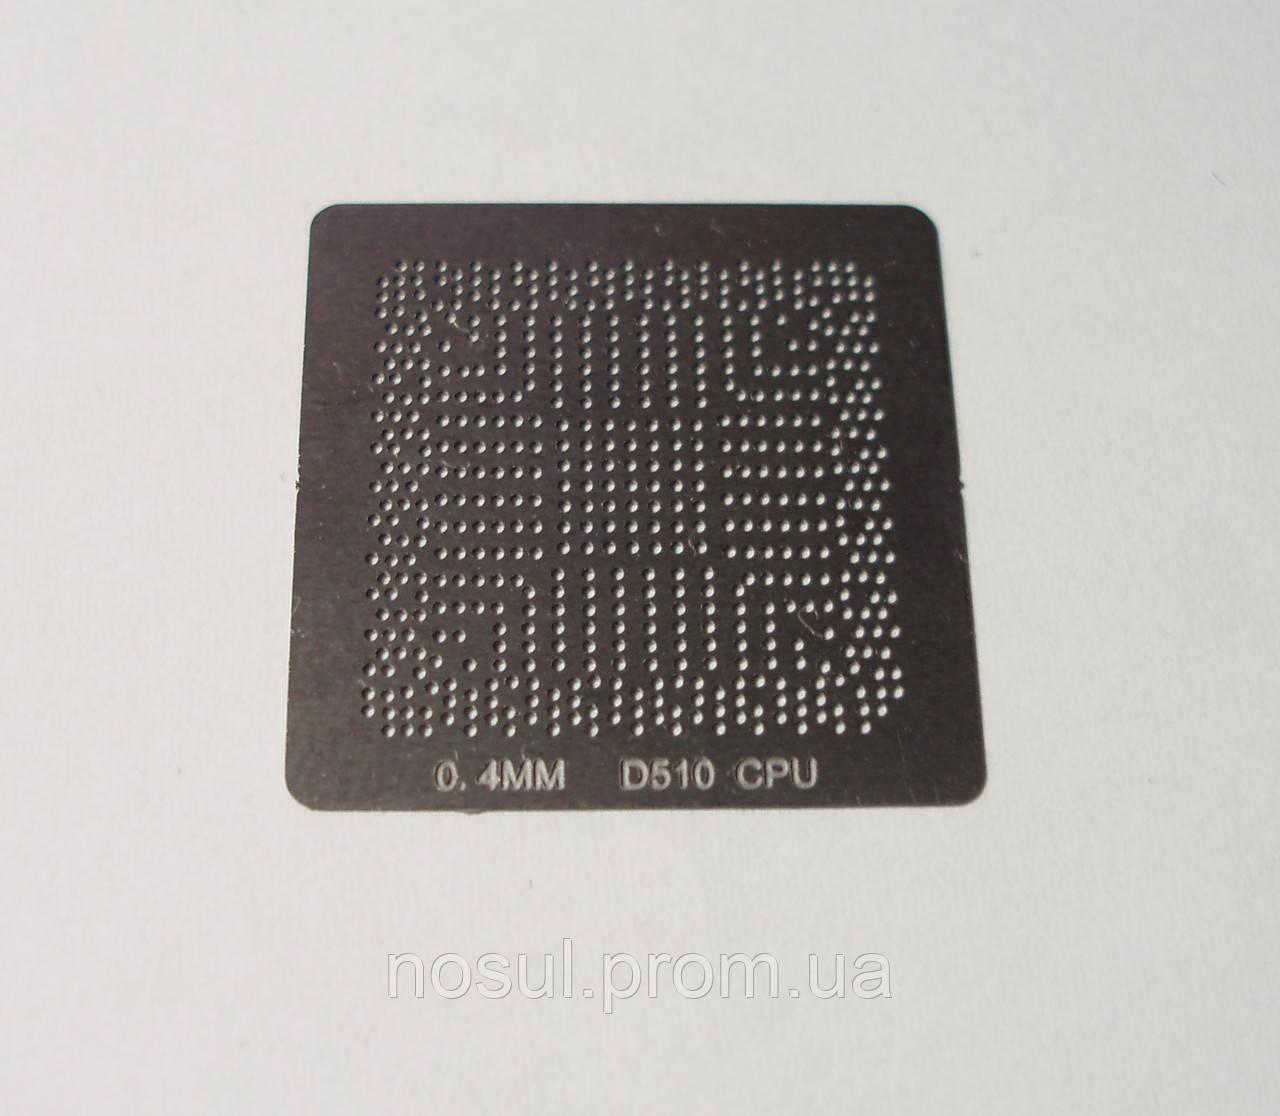 BGA шаблоны 0.4 mm D510 CPU трафареты шаблоны для реболла реболинг набор восстановление пайка ремонт прямого н